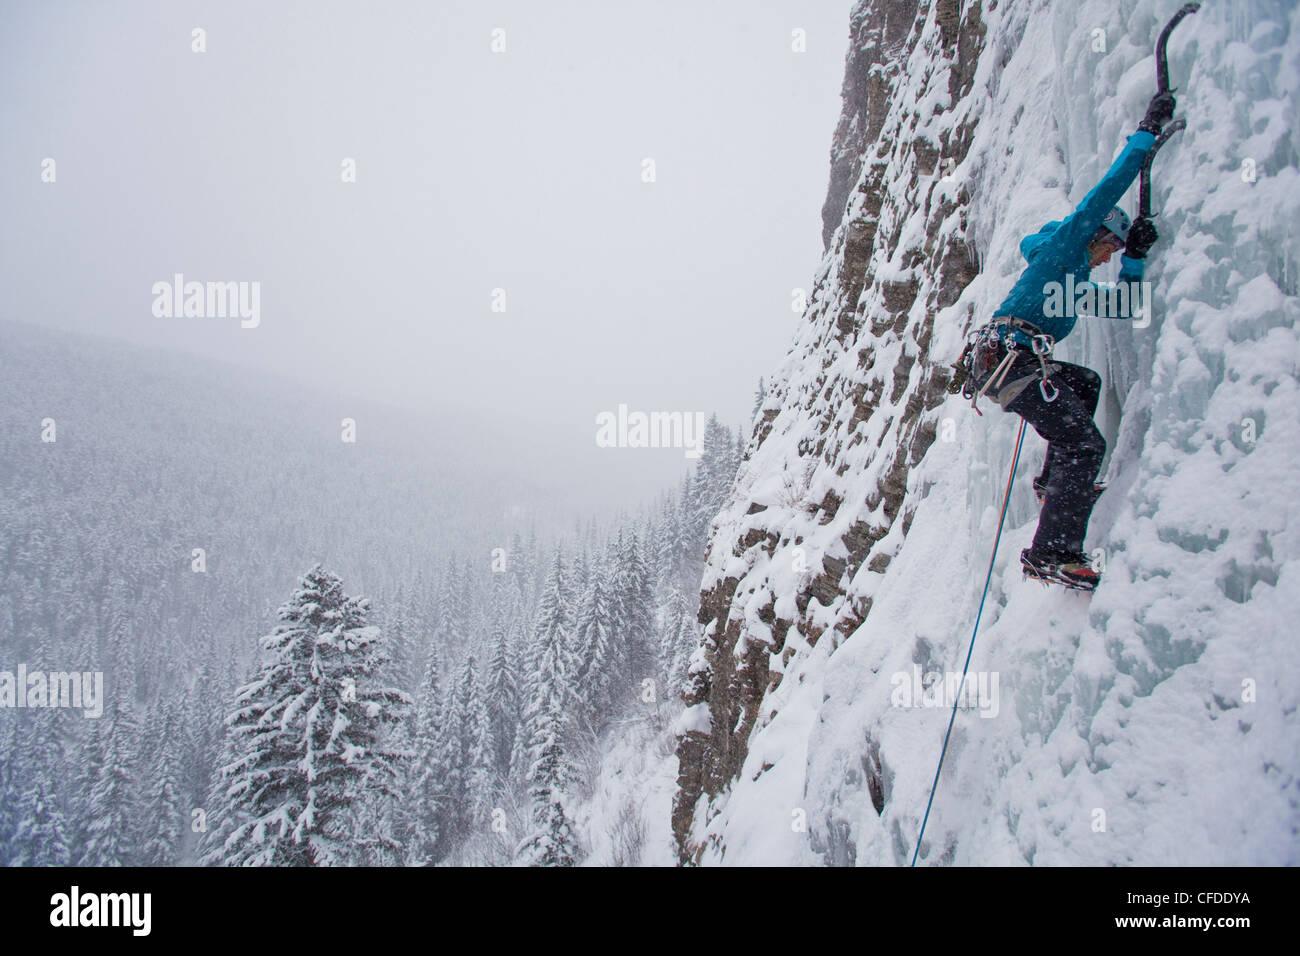 Un forte scalatore femmina salite di ghiaccio Moonlight WI4, anche Thomas Creek, Kananaskis, Alberta, Canada Immagini Stock